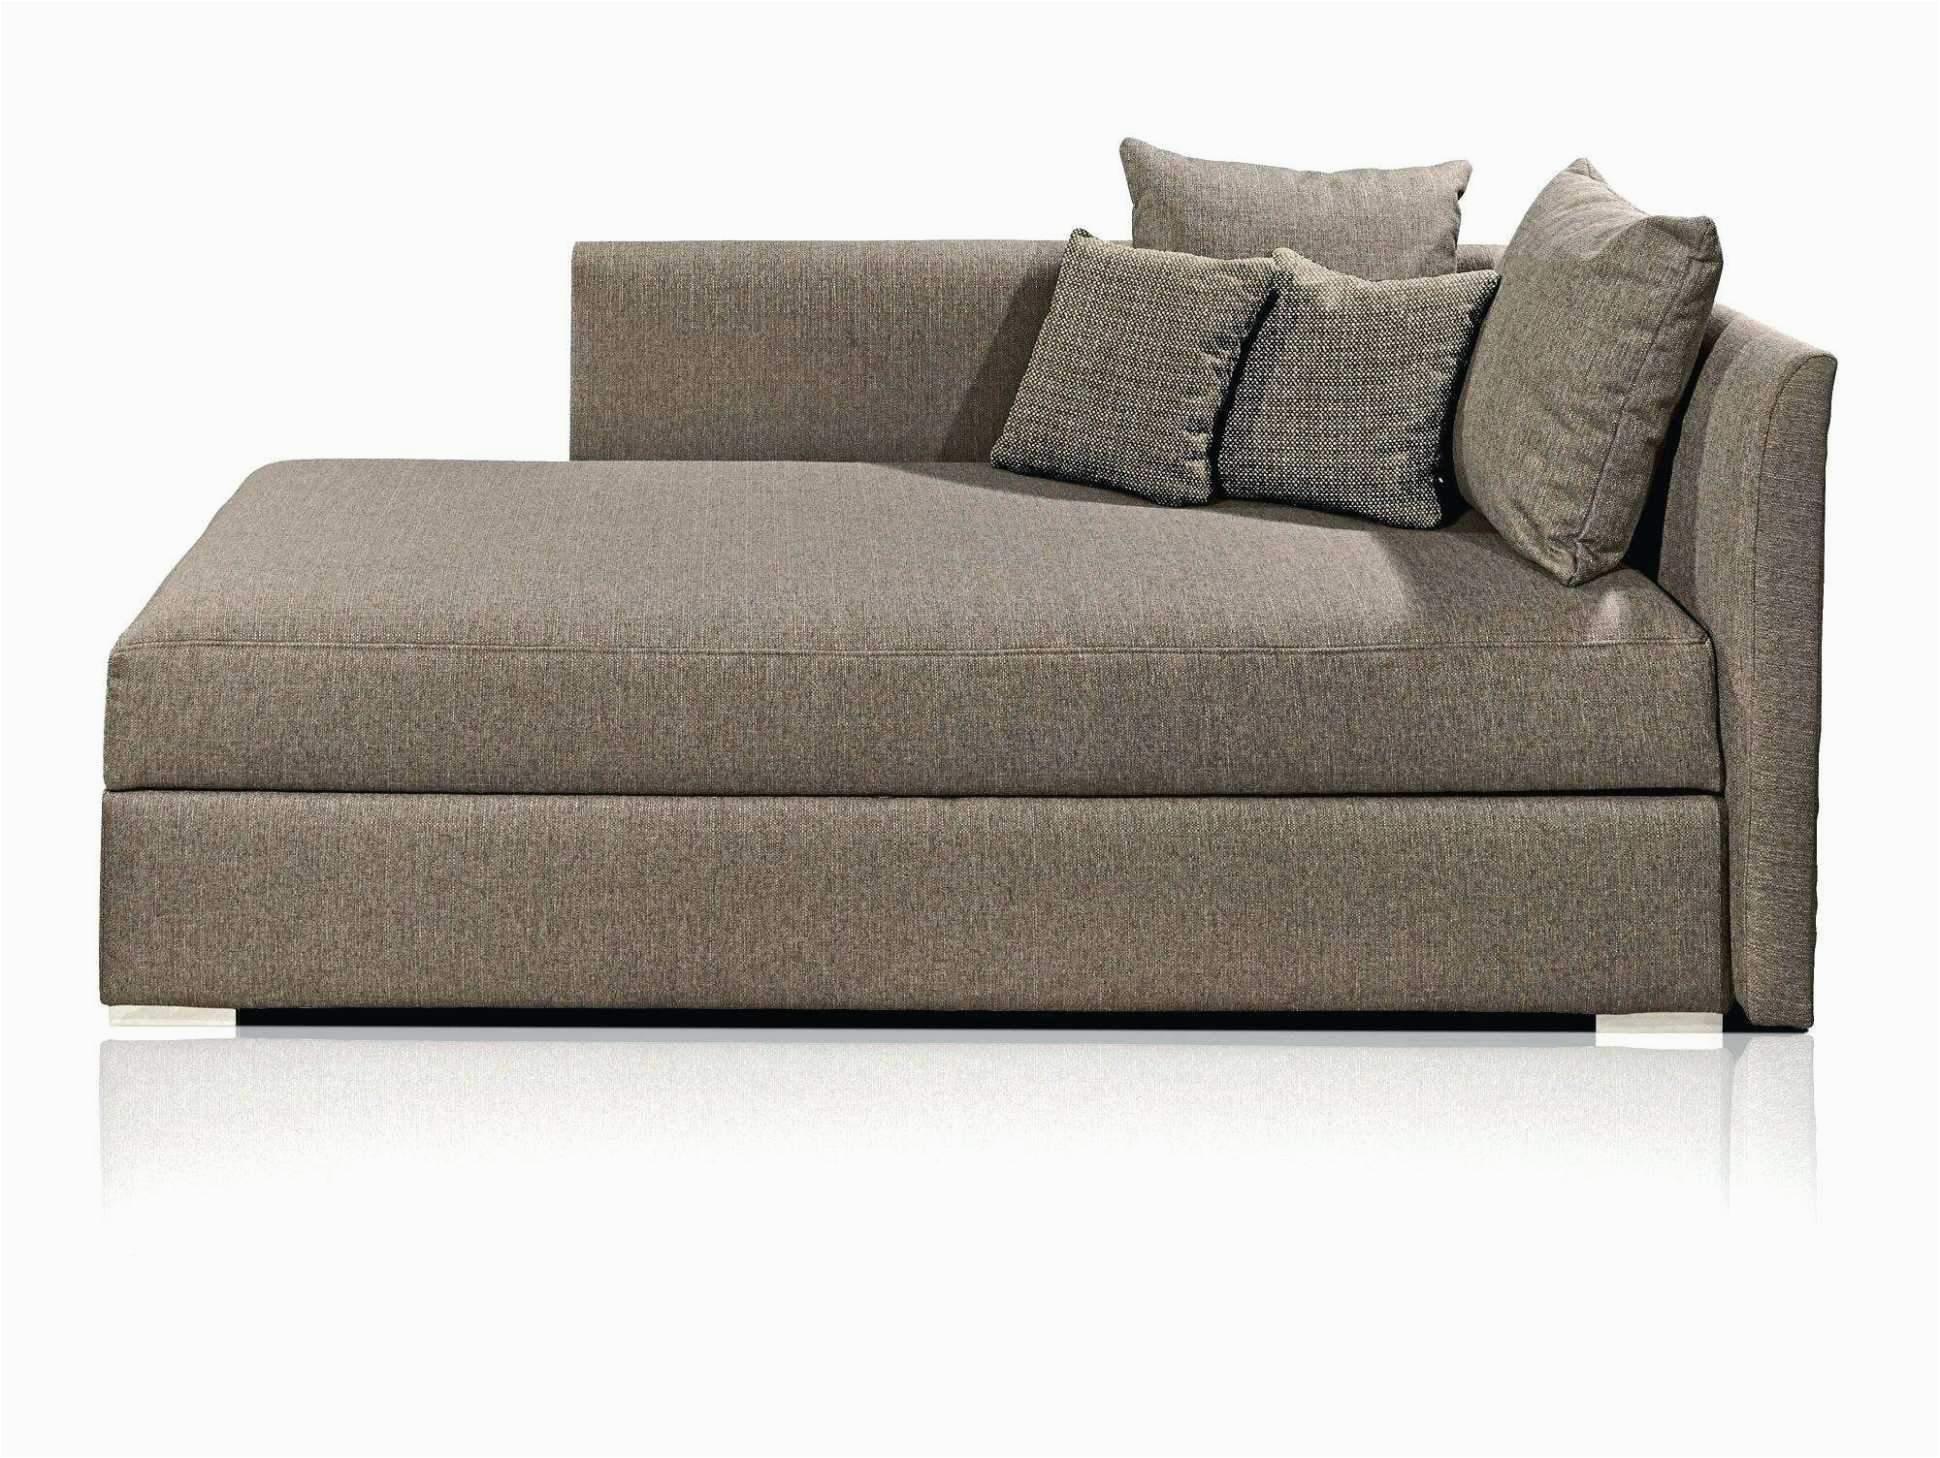 wohnzimmer couch gunstig neu 40 luxus von sofa klein gunstig ideen of wohnzimmer couch gunstig